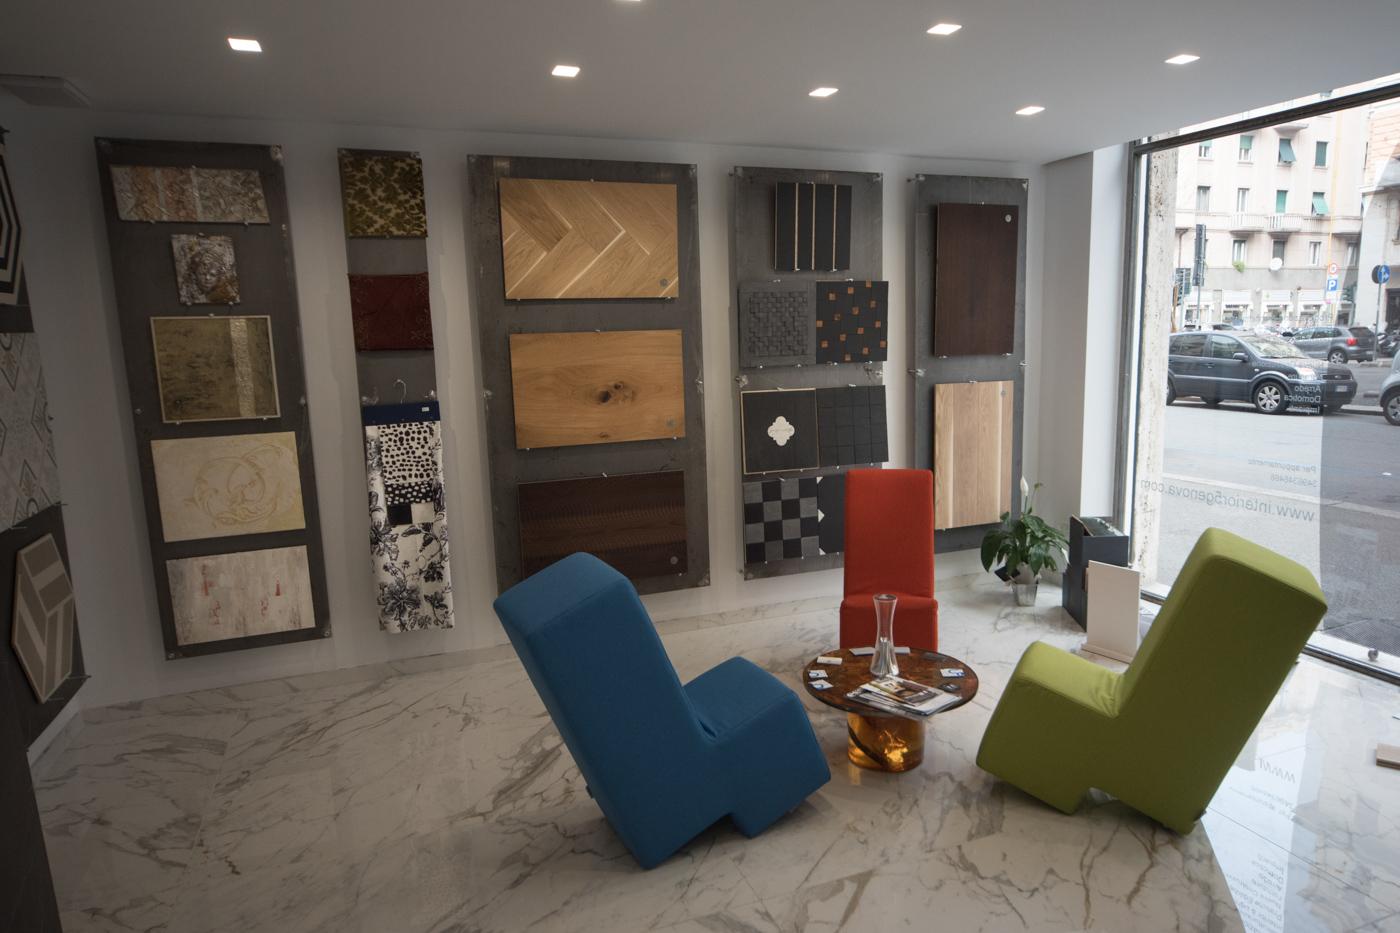 valentina solera, architetto, interior, ristrutturazione, genova, liguria, italy, interior5.jpg